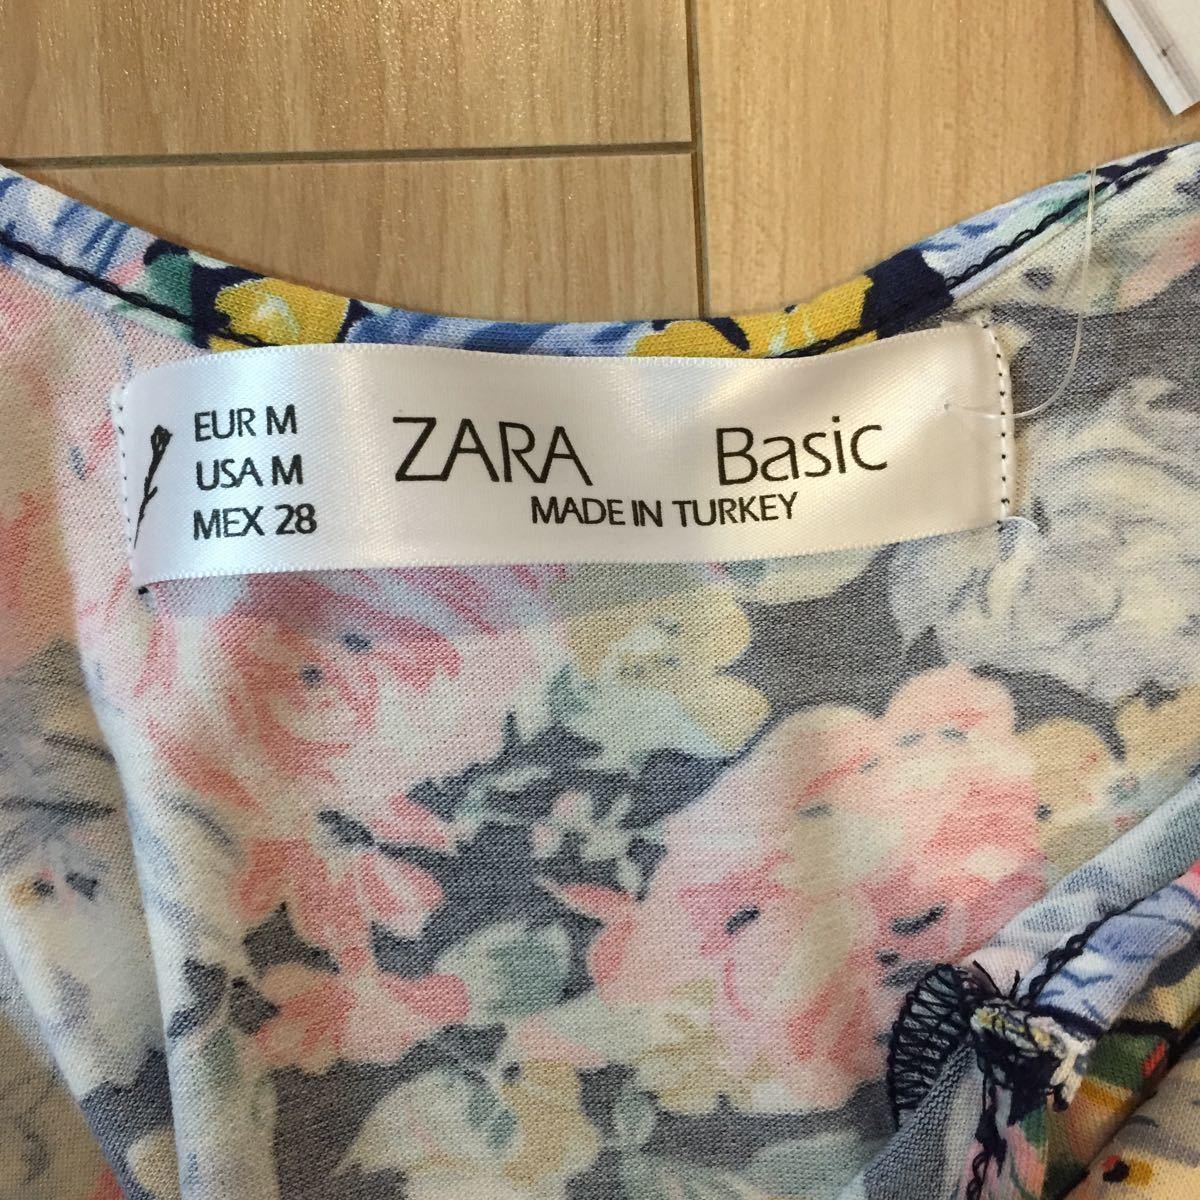 花柄ワンピース ノースリーブ ザラZARA 未使用 タグ付 紺 ピンク ブルー サマードレス リゾート Tシャツの上に フレア Mサイズ ストレッチ_画像7